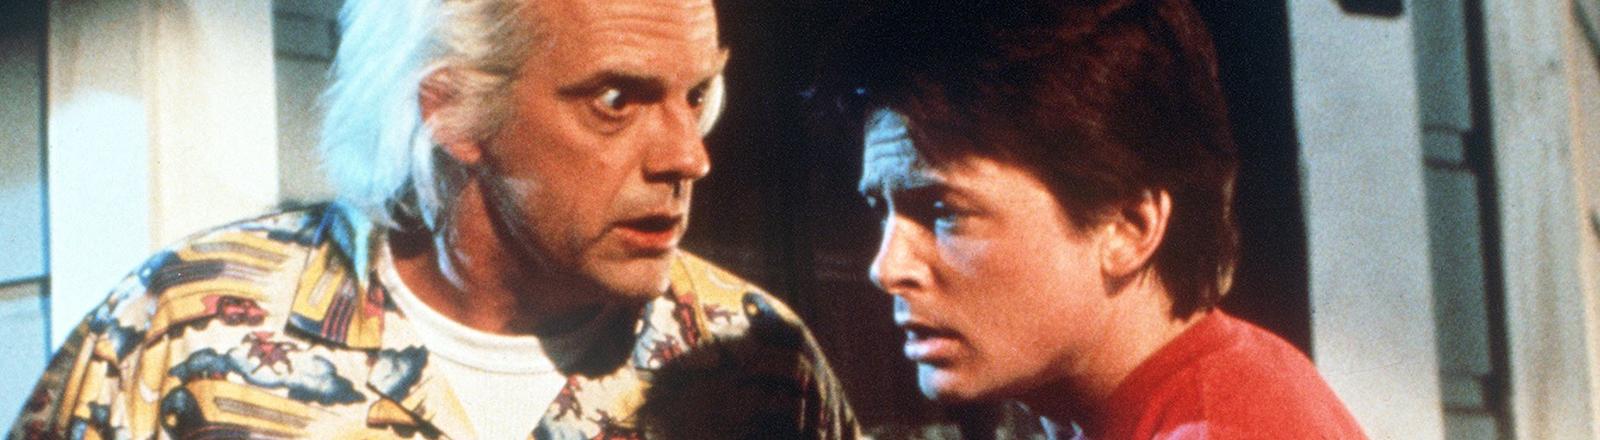 """Marty (r) und Dr. Brown (l) in dem Spielberg-Film """"Zurück in die Zukunft""""."""